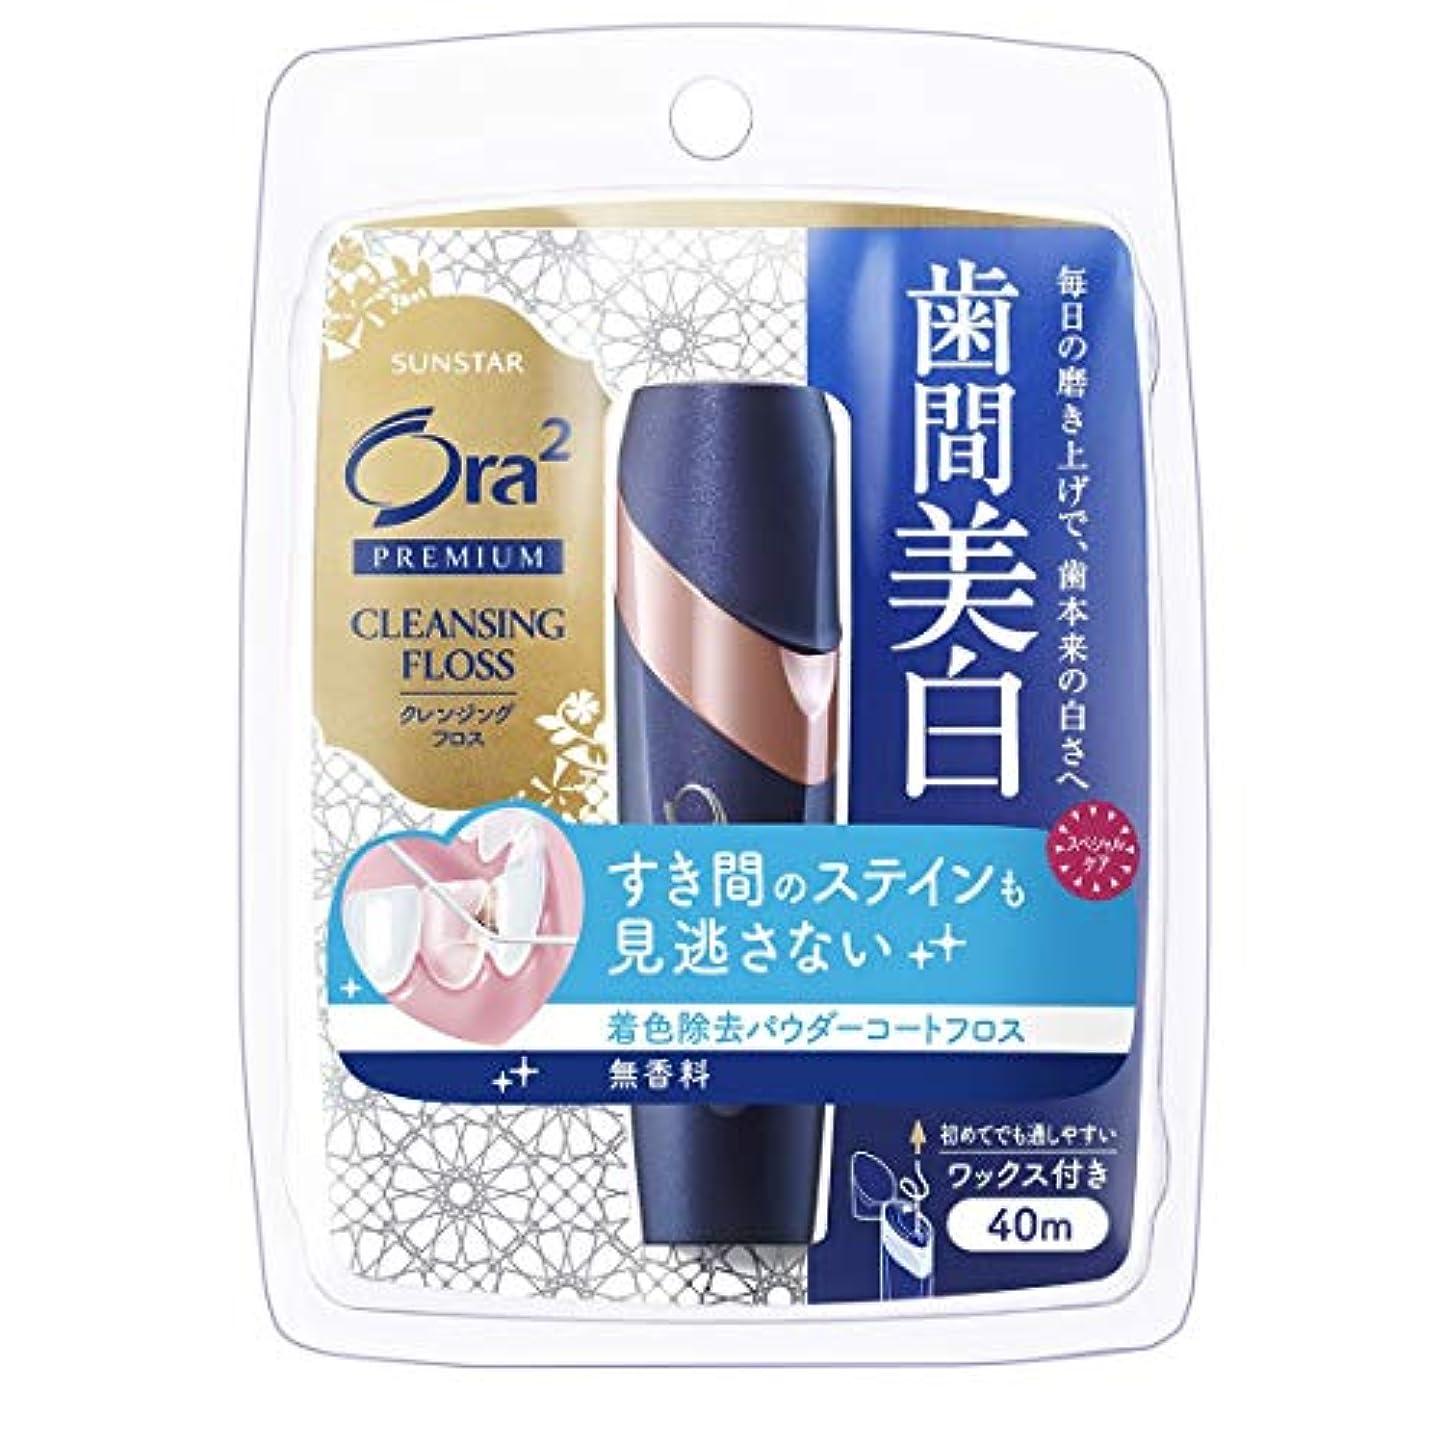 ミッション暴露する類推Ora2(オーラツー) プレミアム クレンジングフロス 歯間美白 無香料 ワックス付き 40m 40ml